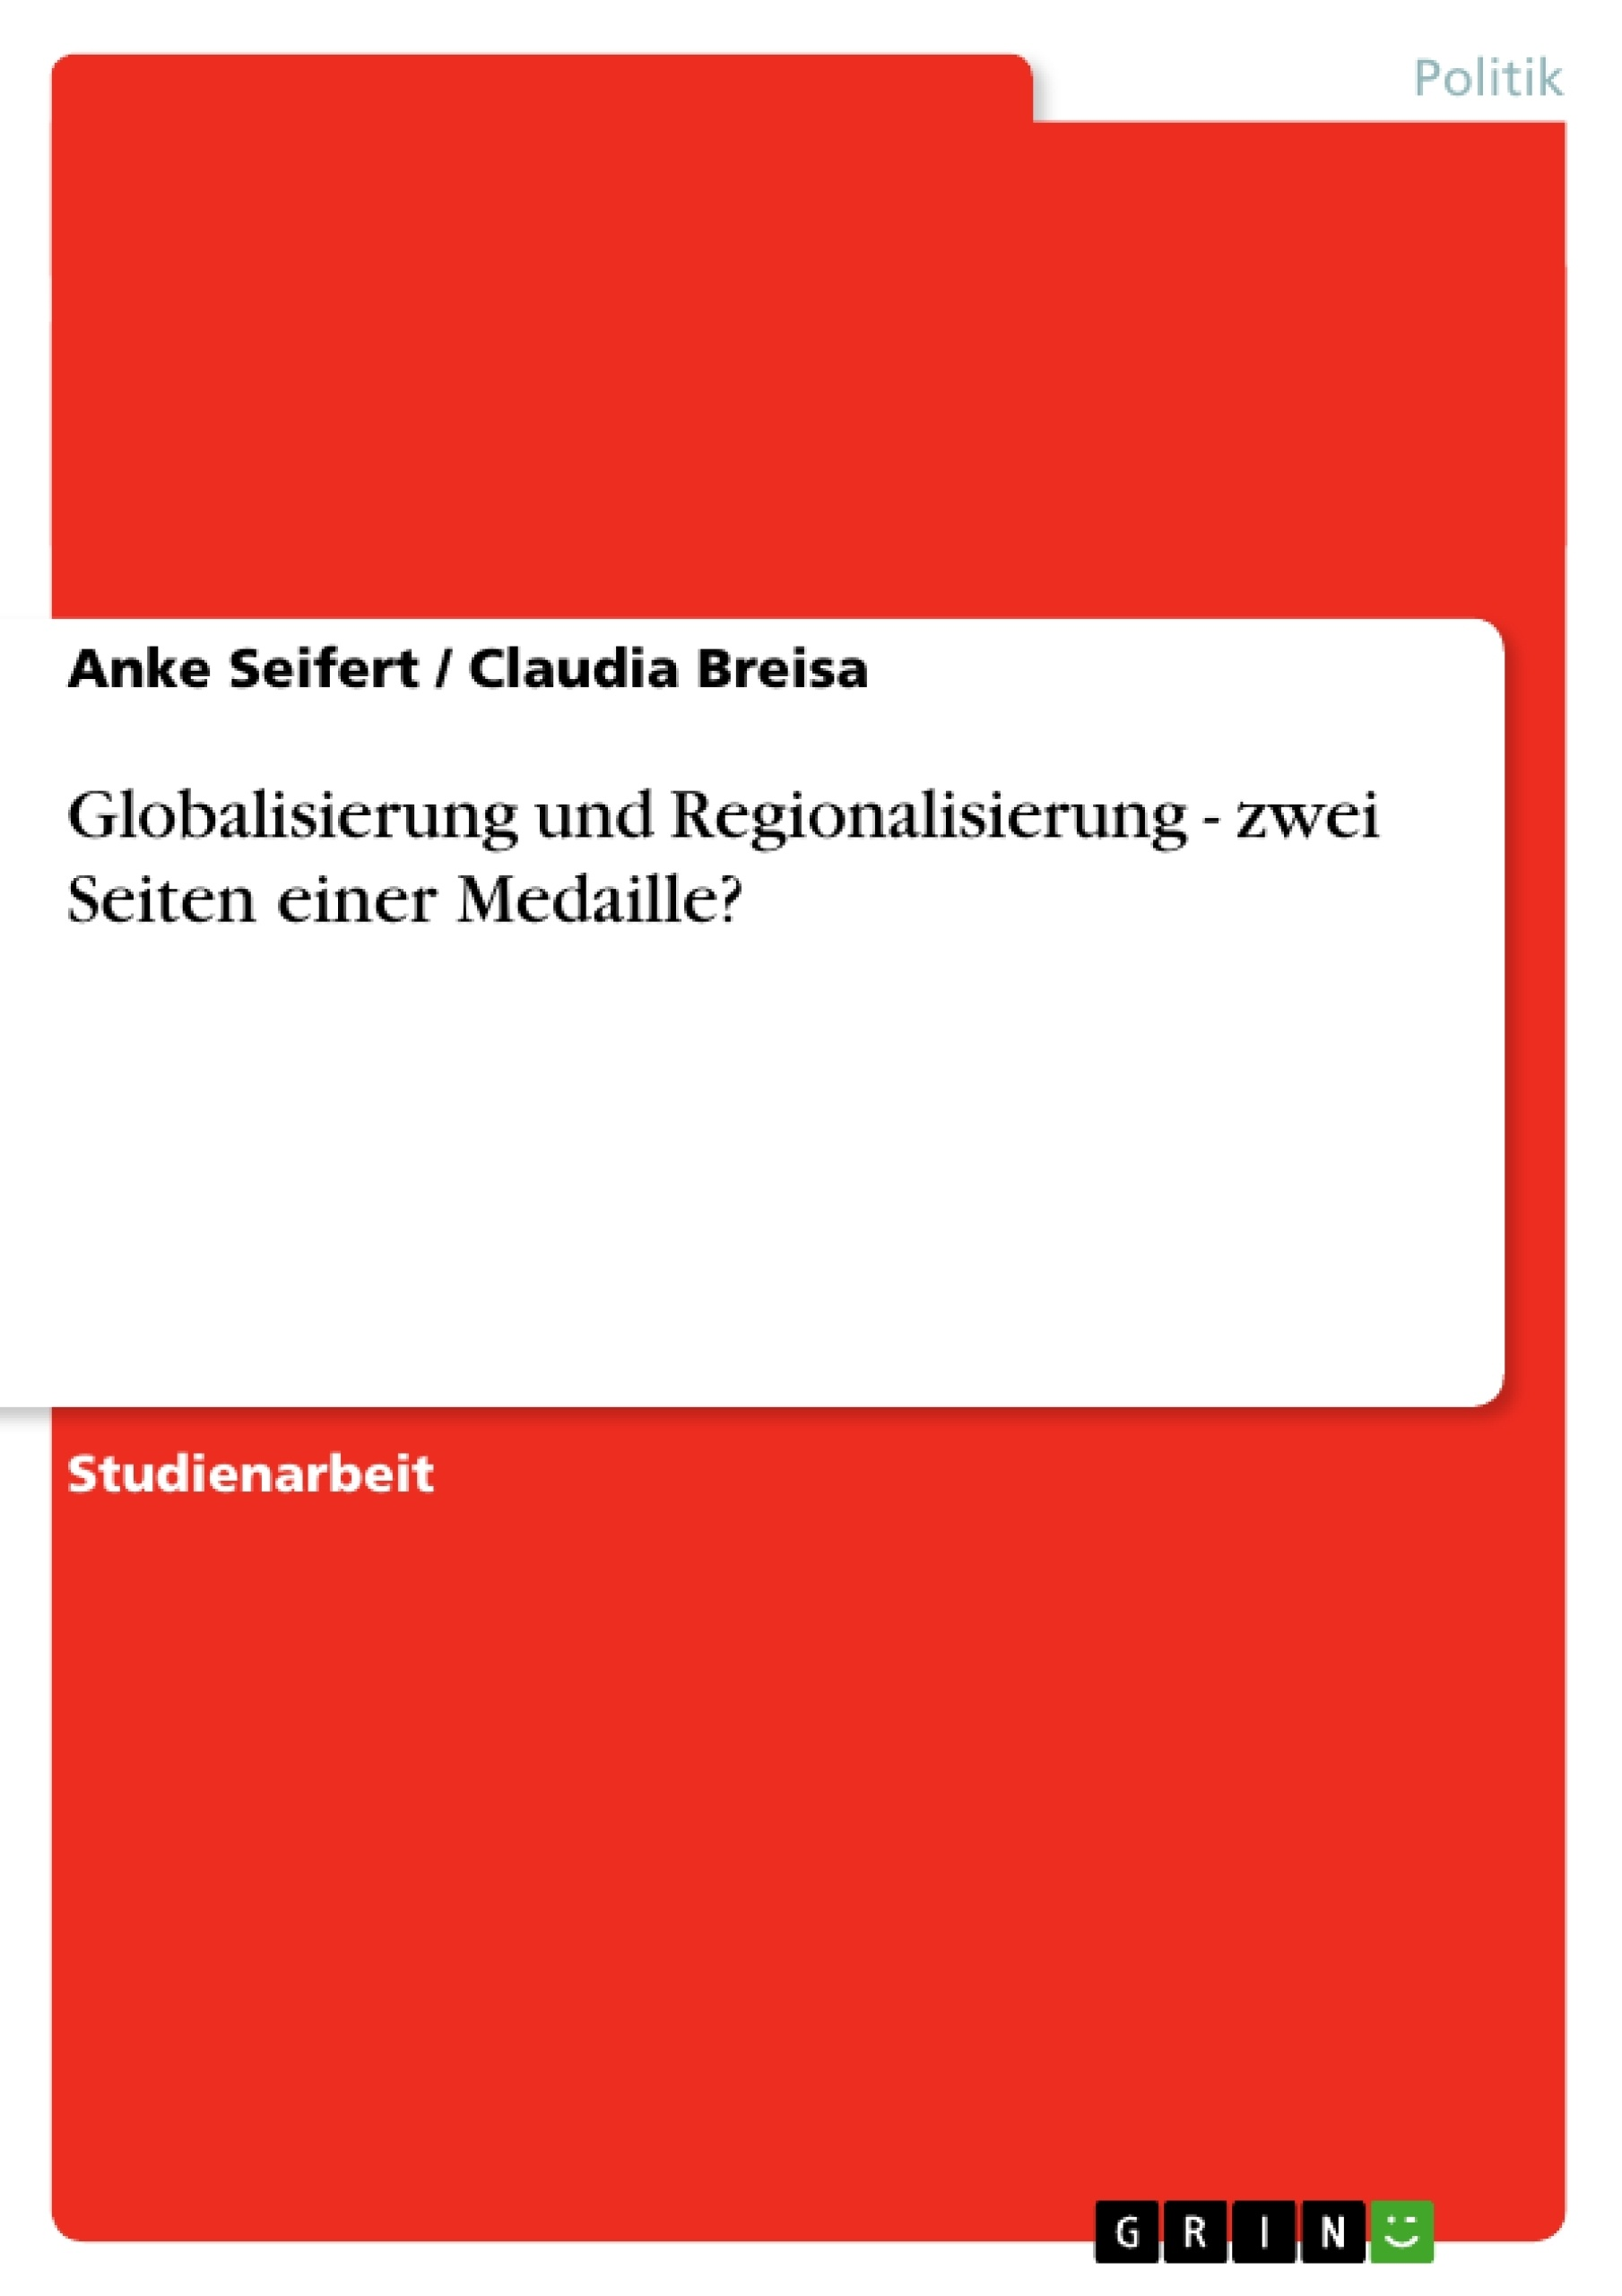 Titel: Globalisierung und Regionalisierung - zwei Seiten einer Medaille?